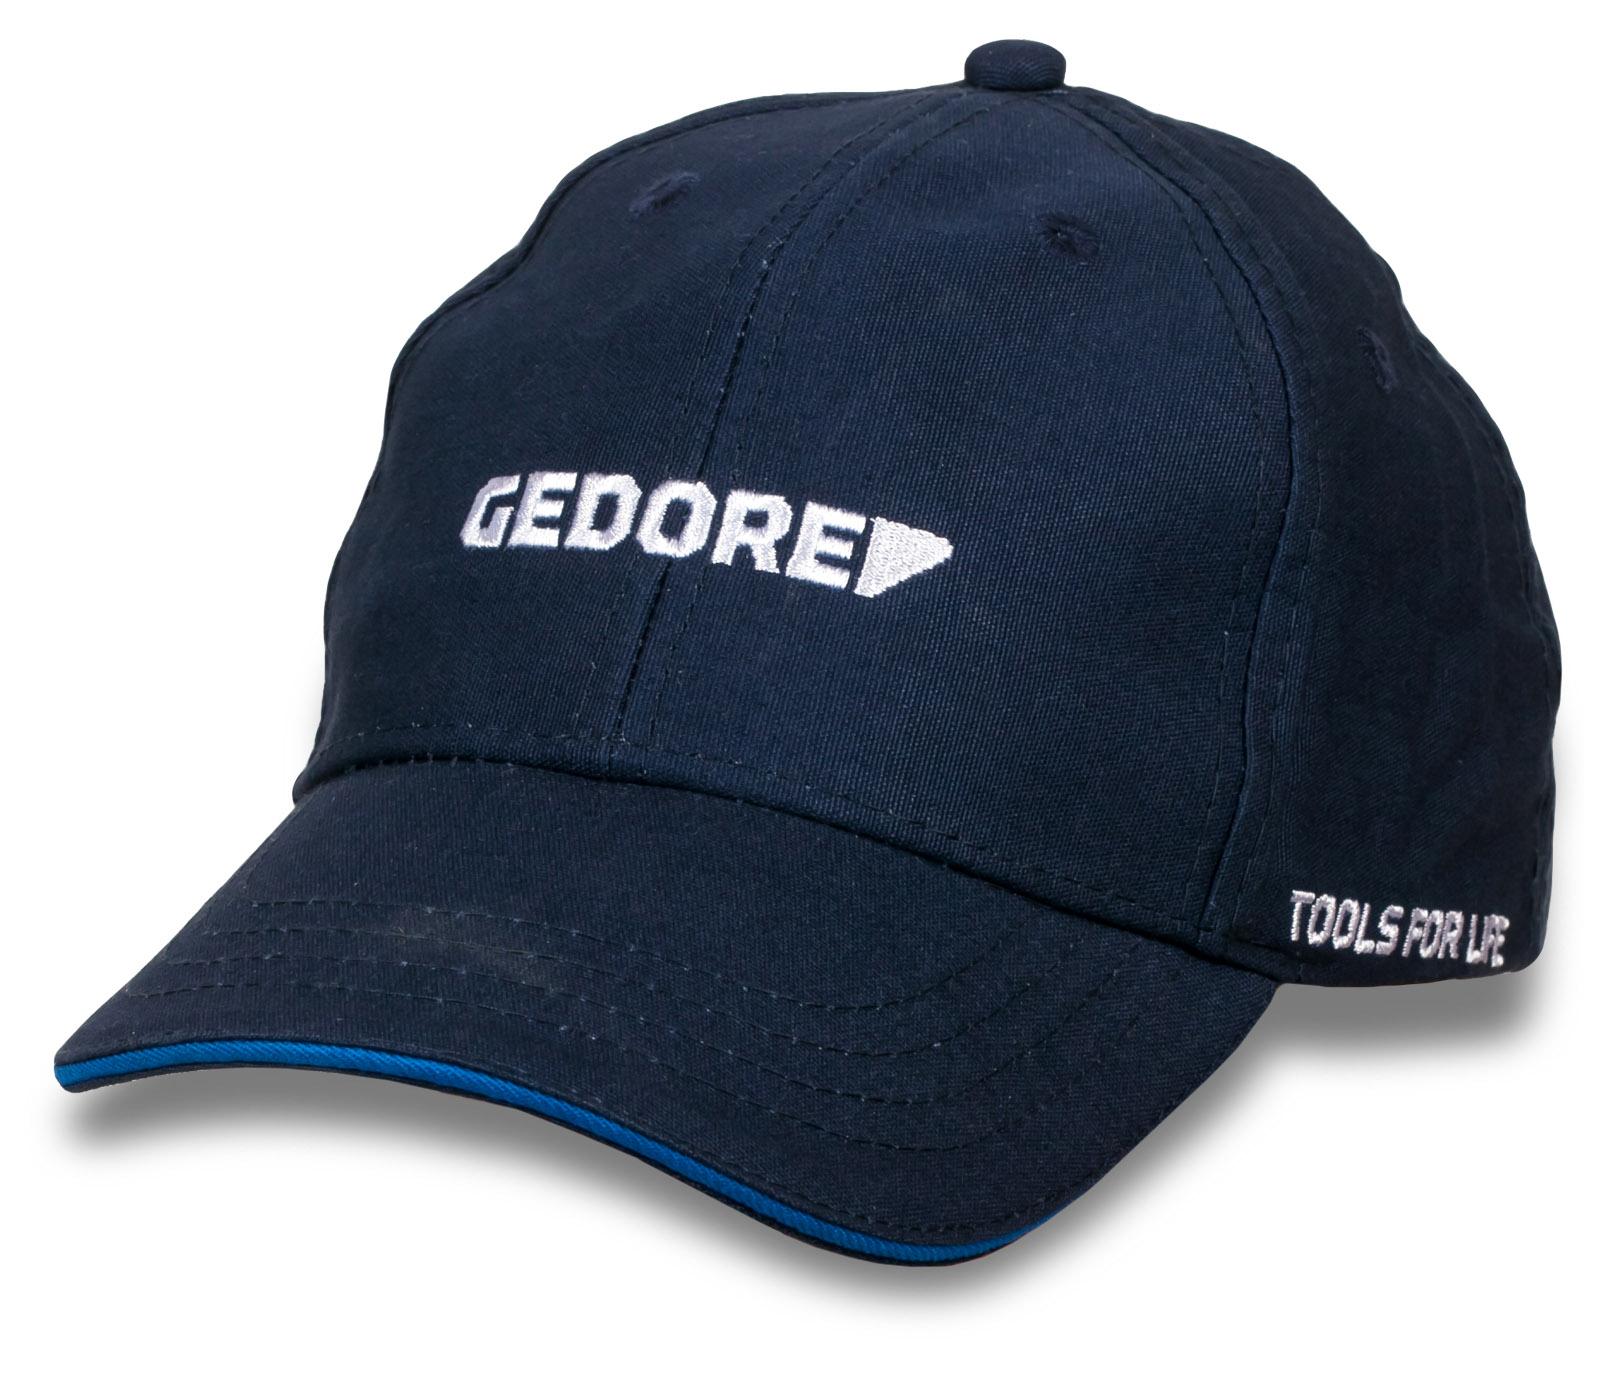 Купить лаконичную кепку Gedore по низкой цене